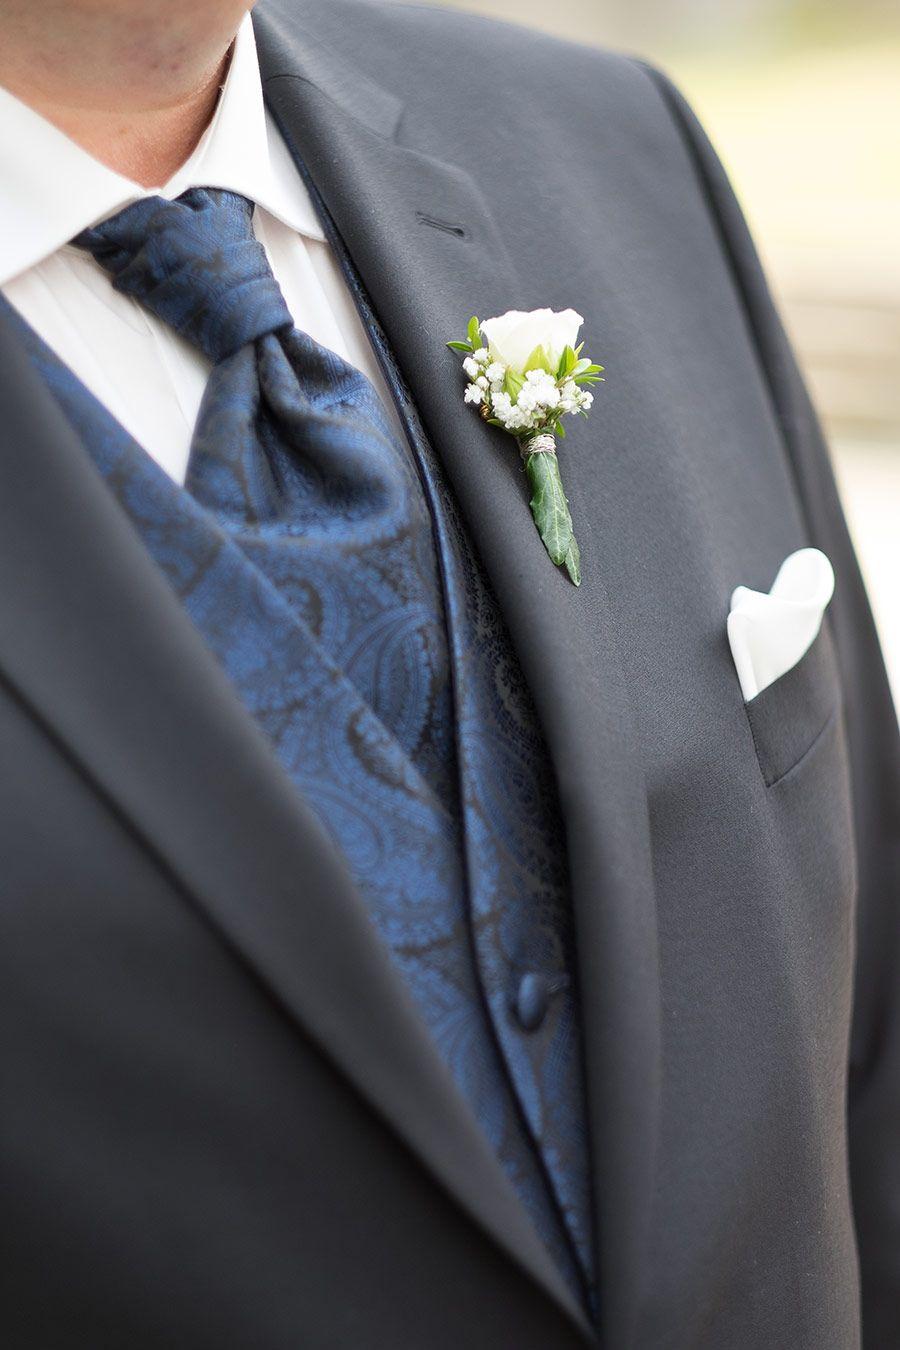 Die Ansteckblume vom Brutigam mit einer kleinen Rose